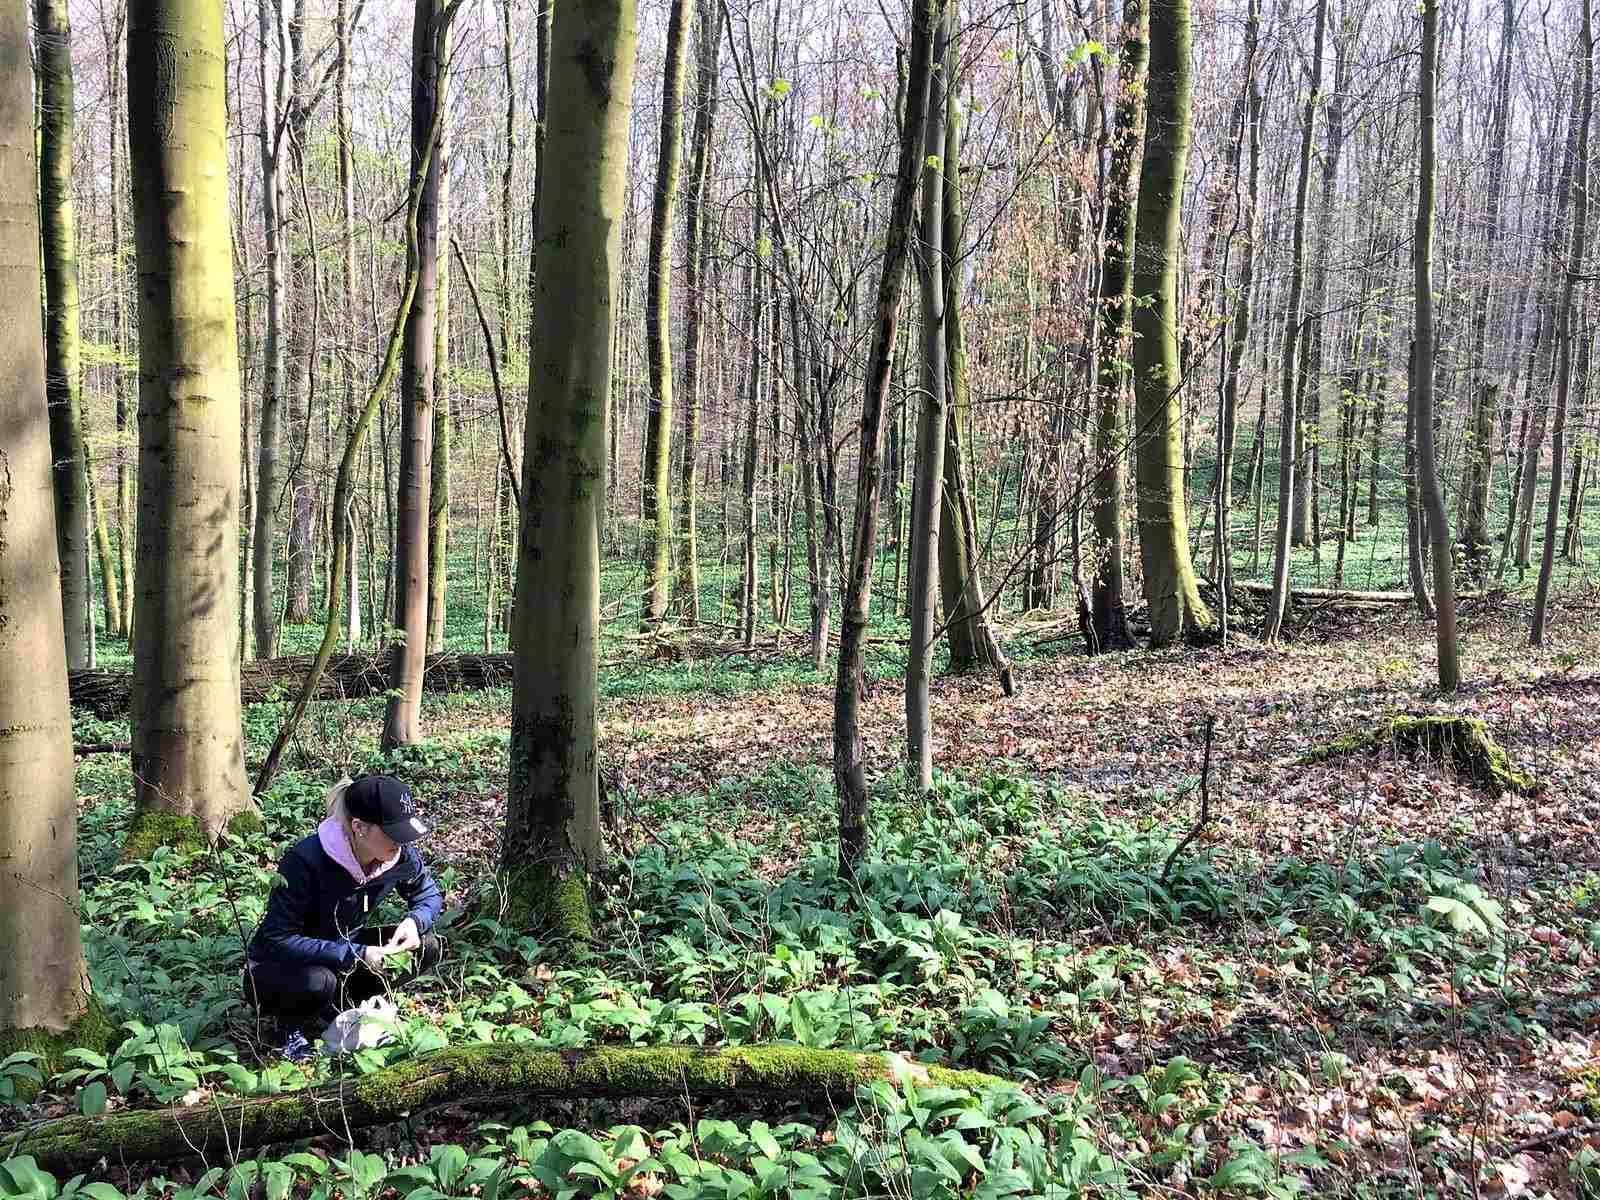 Marleen beim Bärlauch-Sammeln im Wald